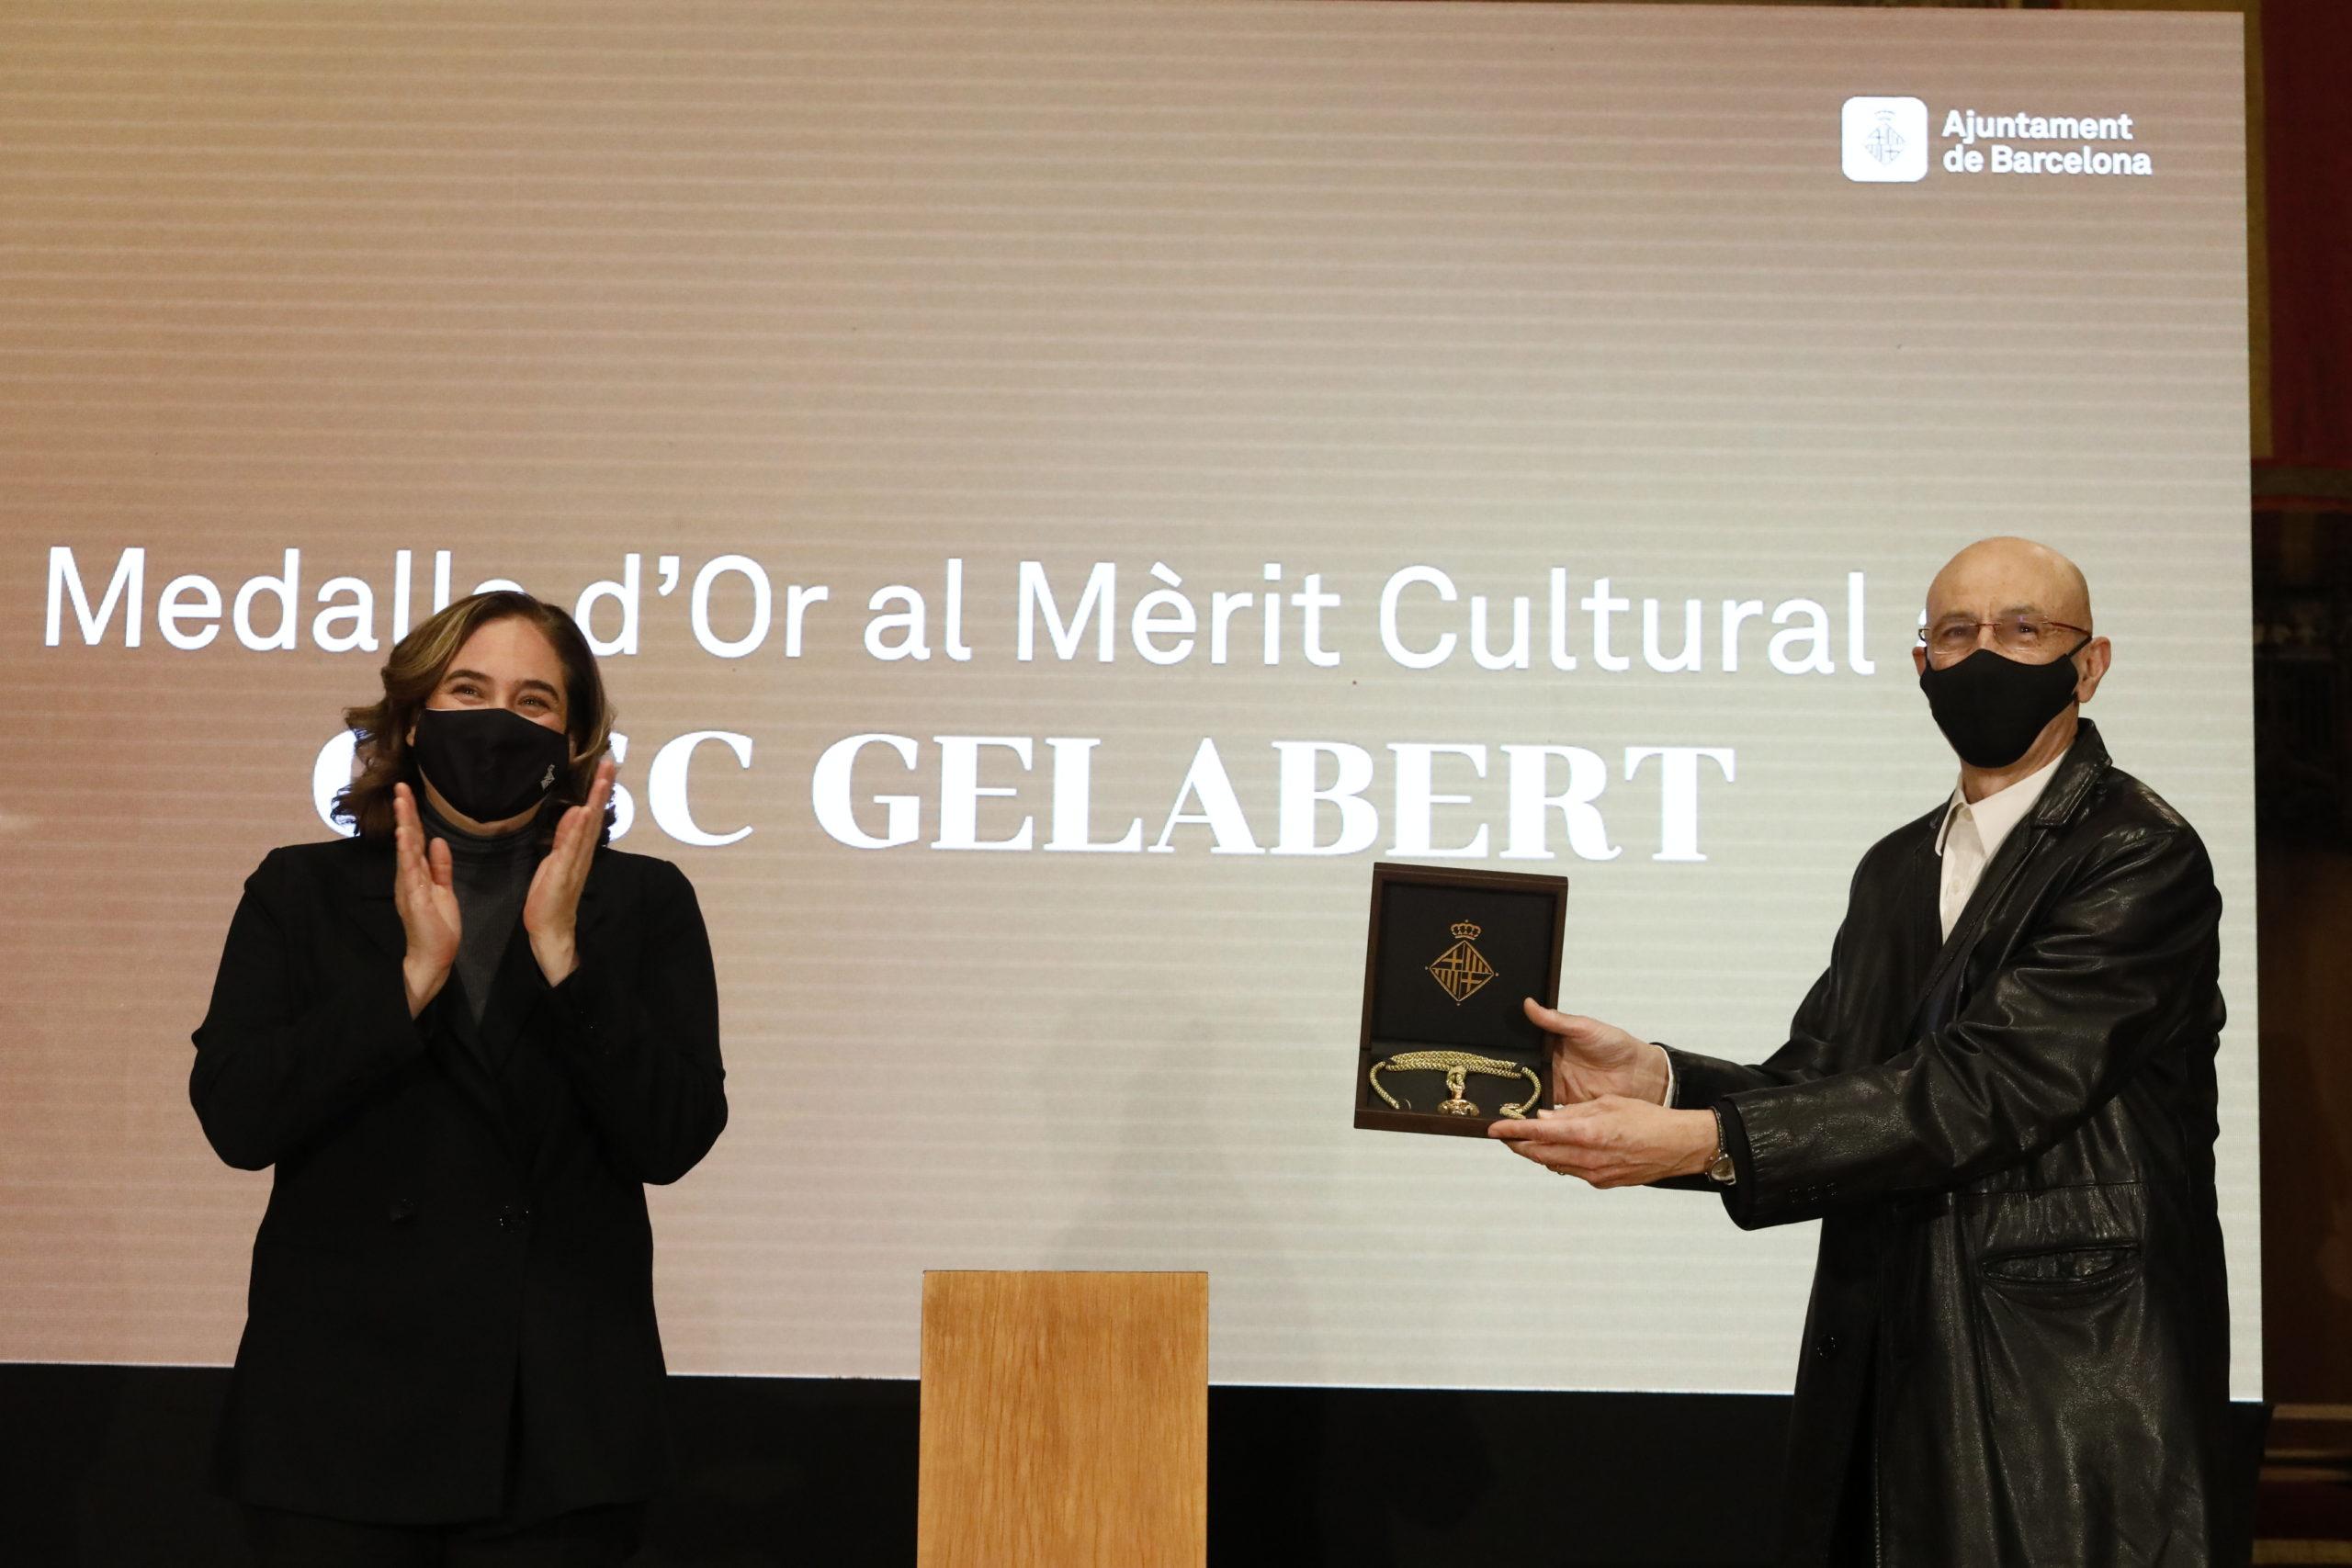 Foto de Cesc Gelabert recibe la Medalla de Oro al Mérito Cultural de Barcelona